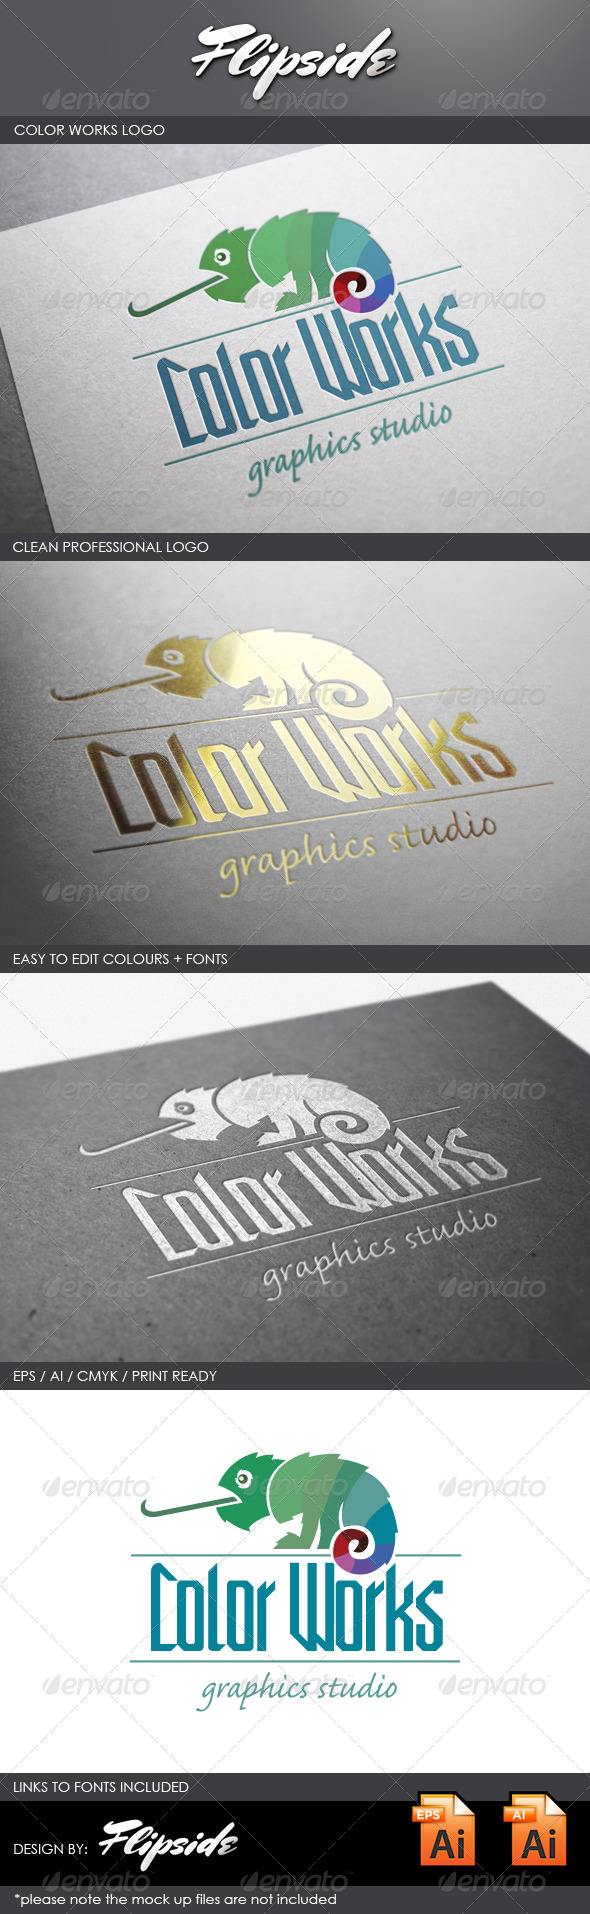 GraphicRiver Color Works Chameleon Logo 4327969